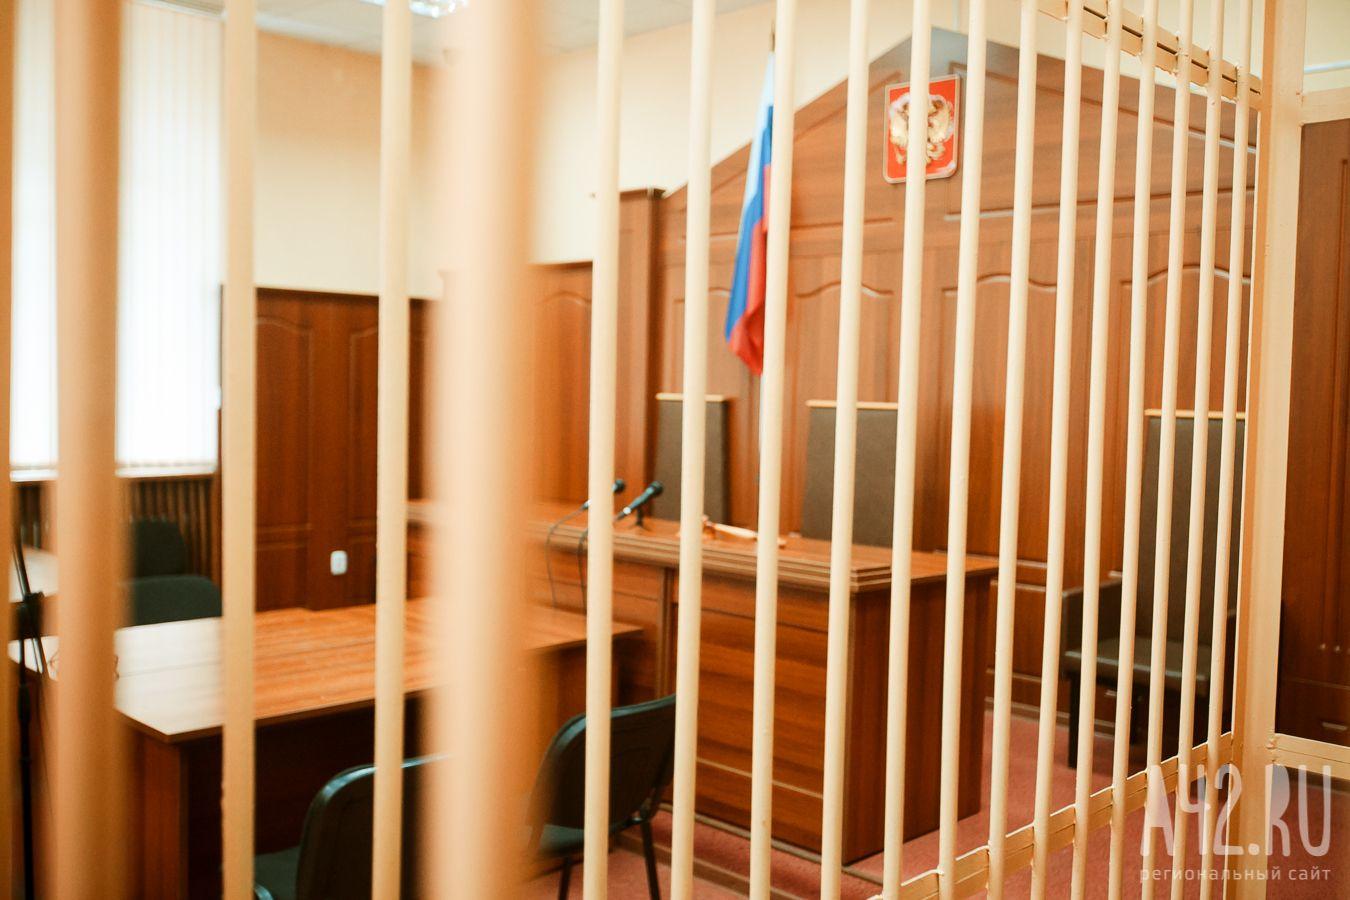 ВТульской области вынесен вердикт подросткам, убившим 47-летнего педофила